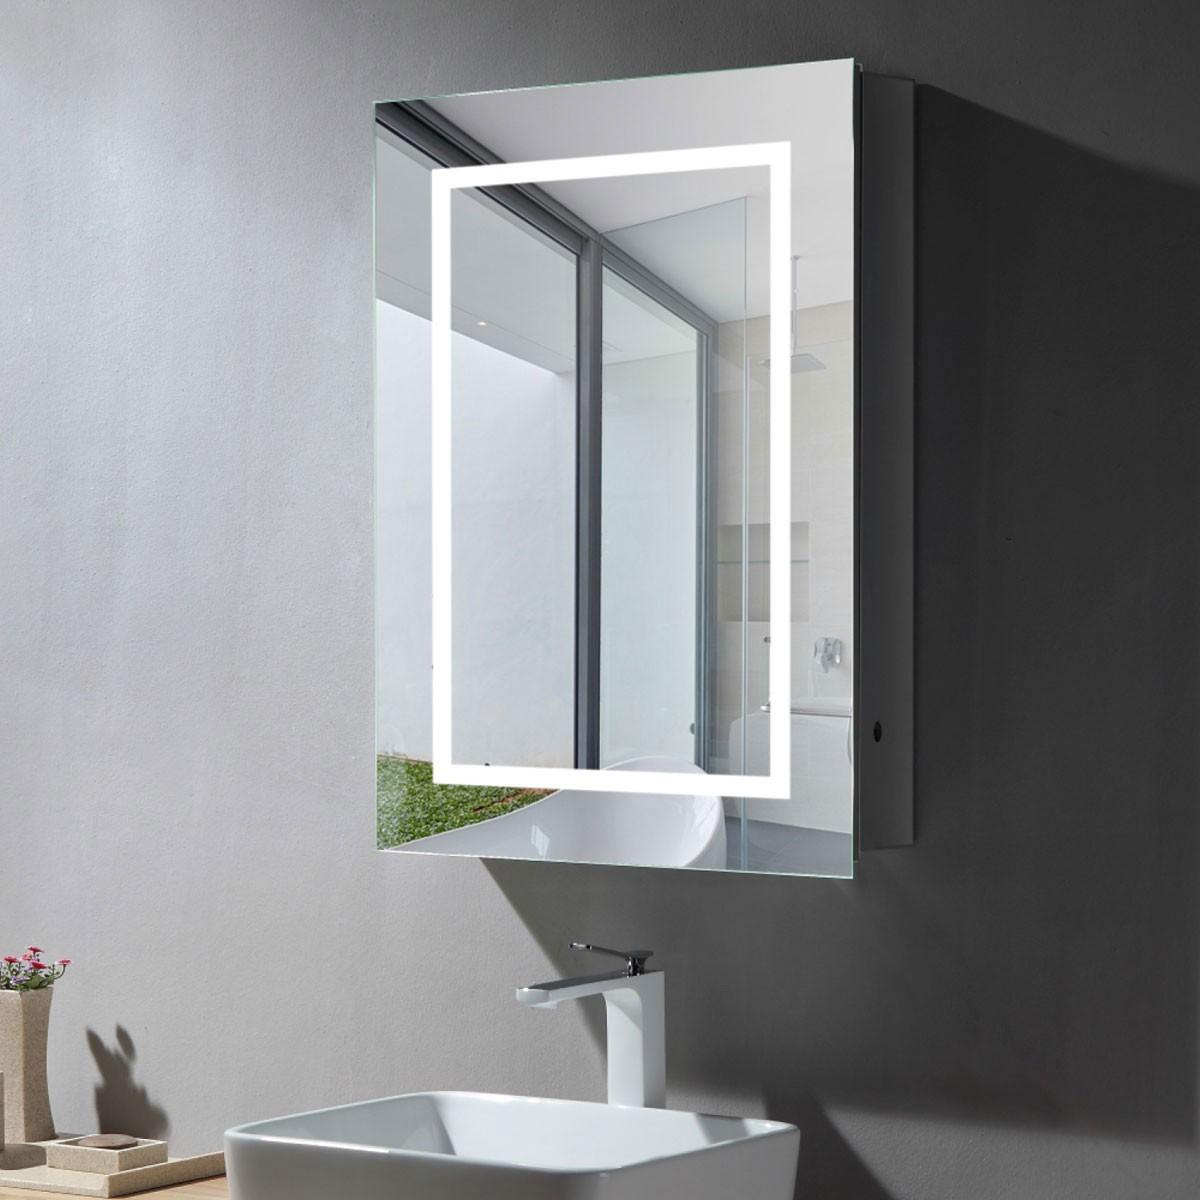 24 x 32 Po Armoire-Miroir LED avec Capteur Infrarouge (DK-NS169)